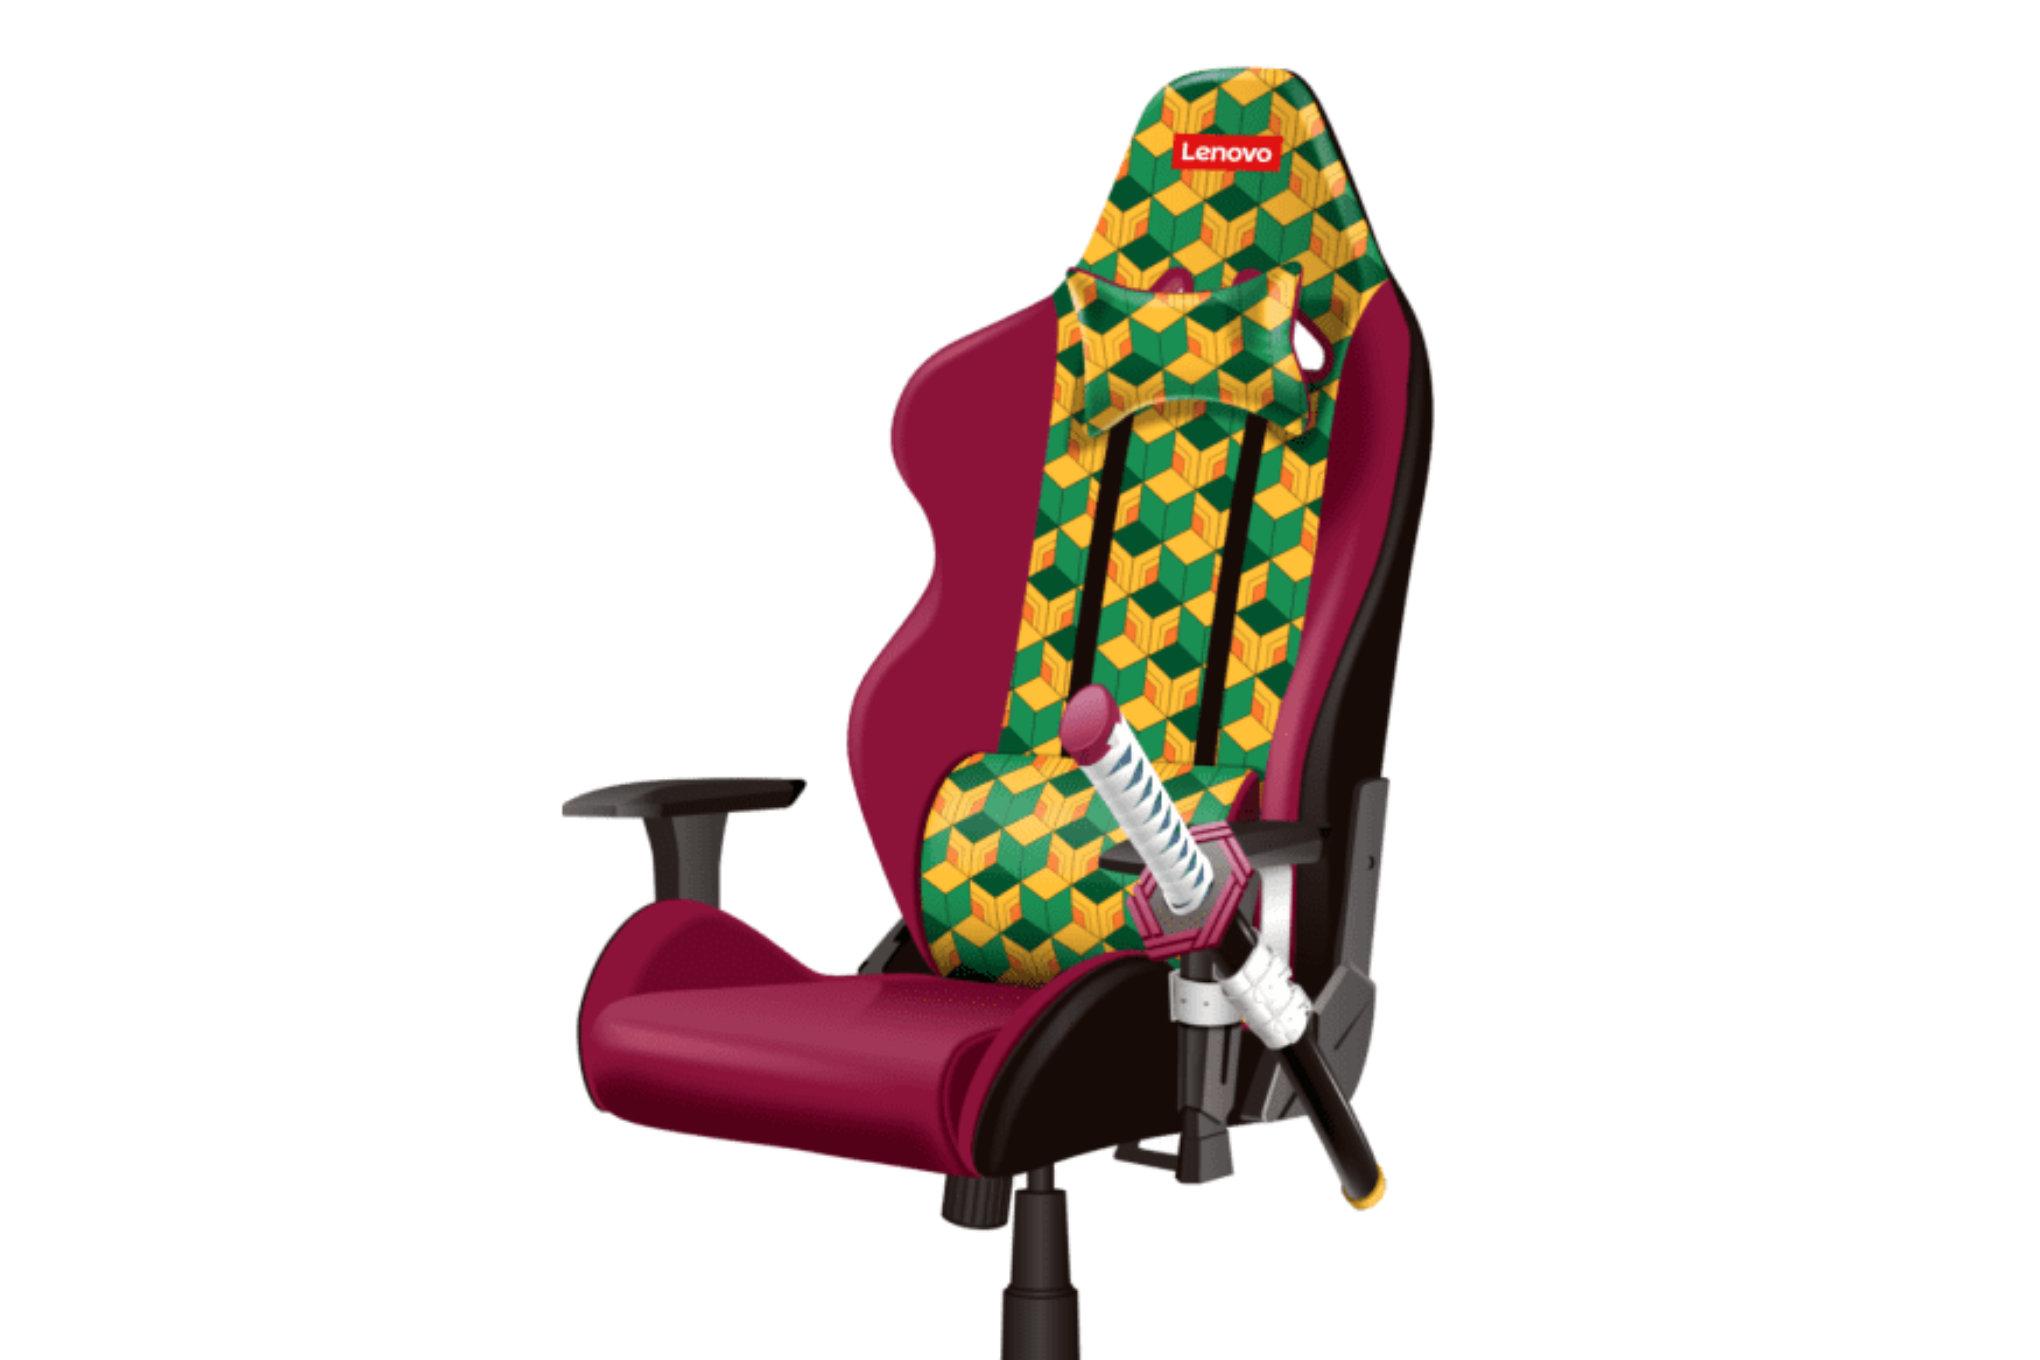 Demon Slayer Lenovo gaming chair